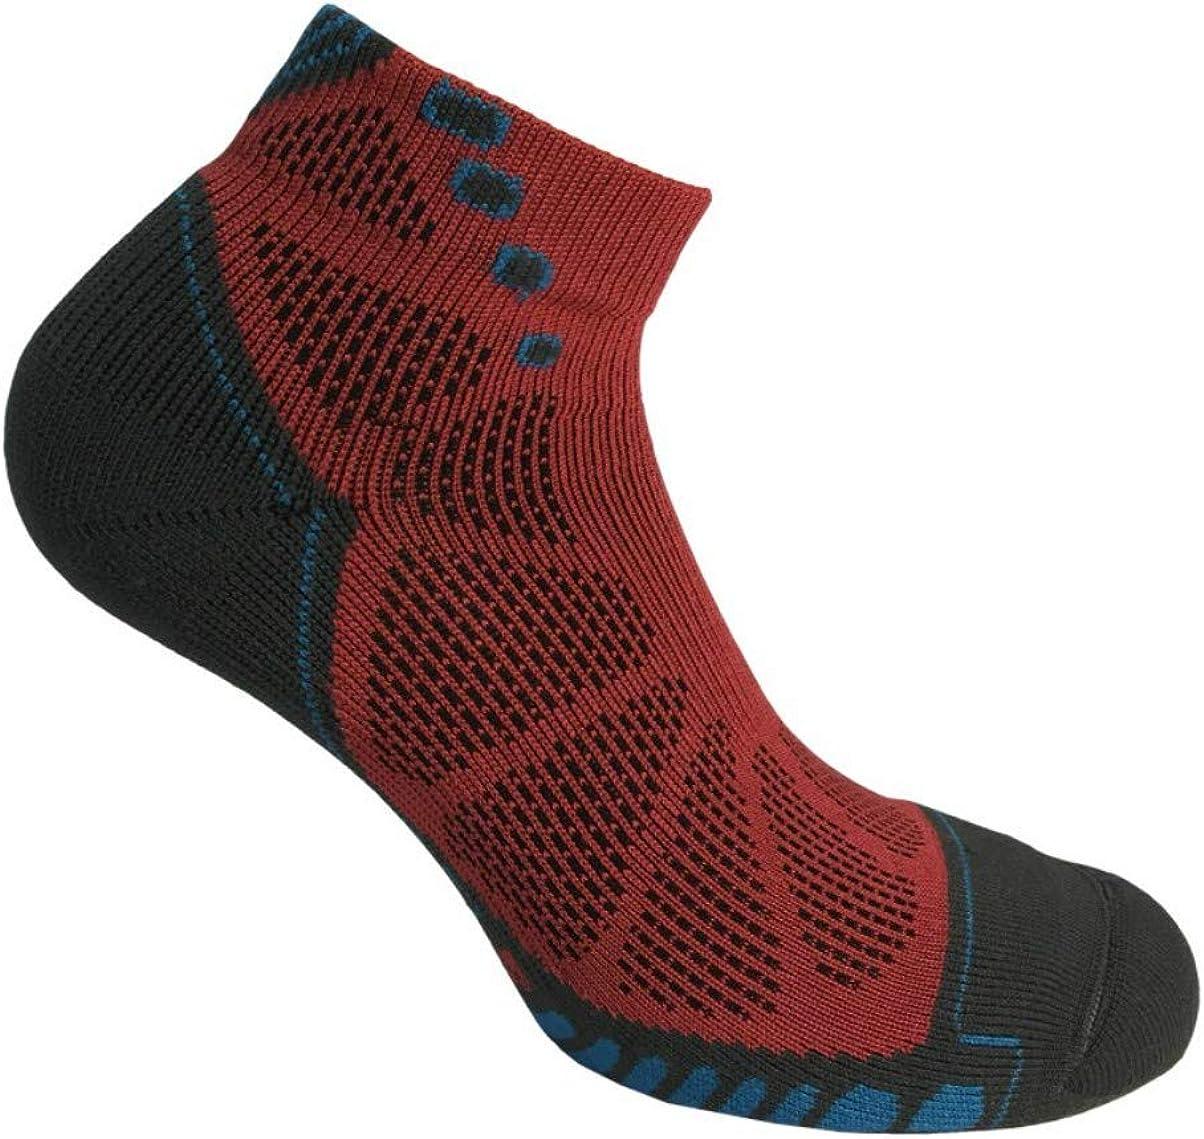 Eurosock Phantom The Re-Evolution in No-Show Tab Running Socks